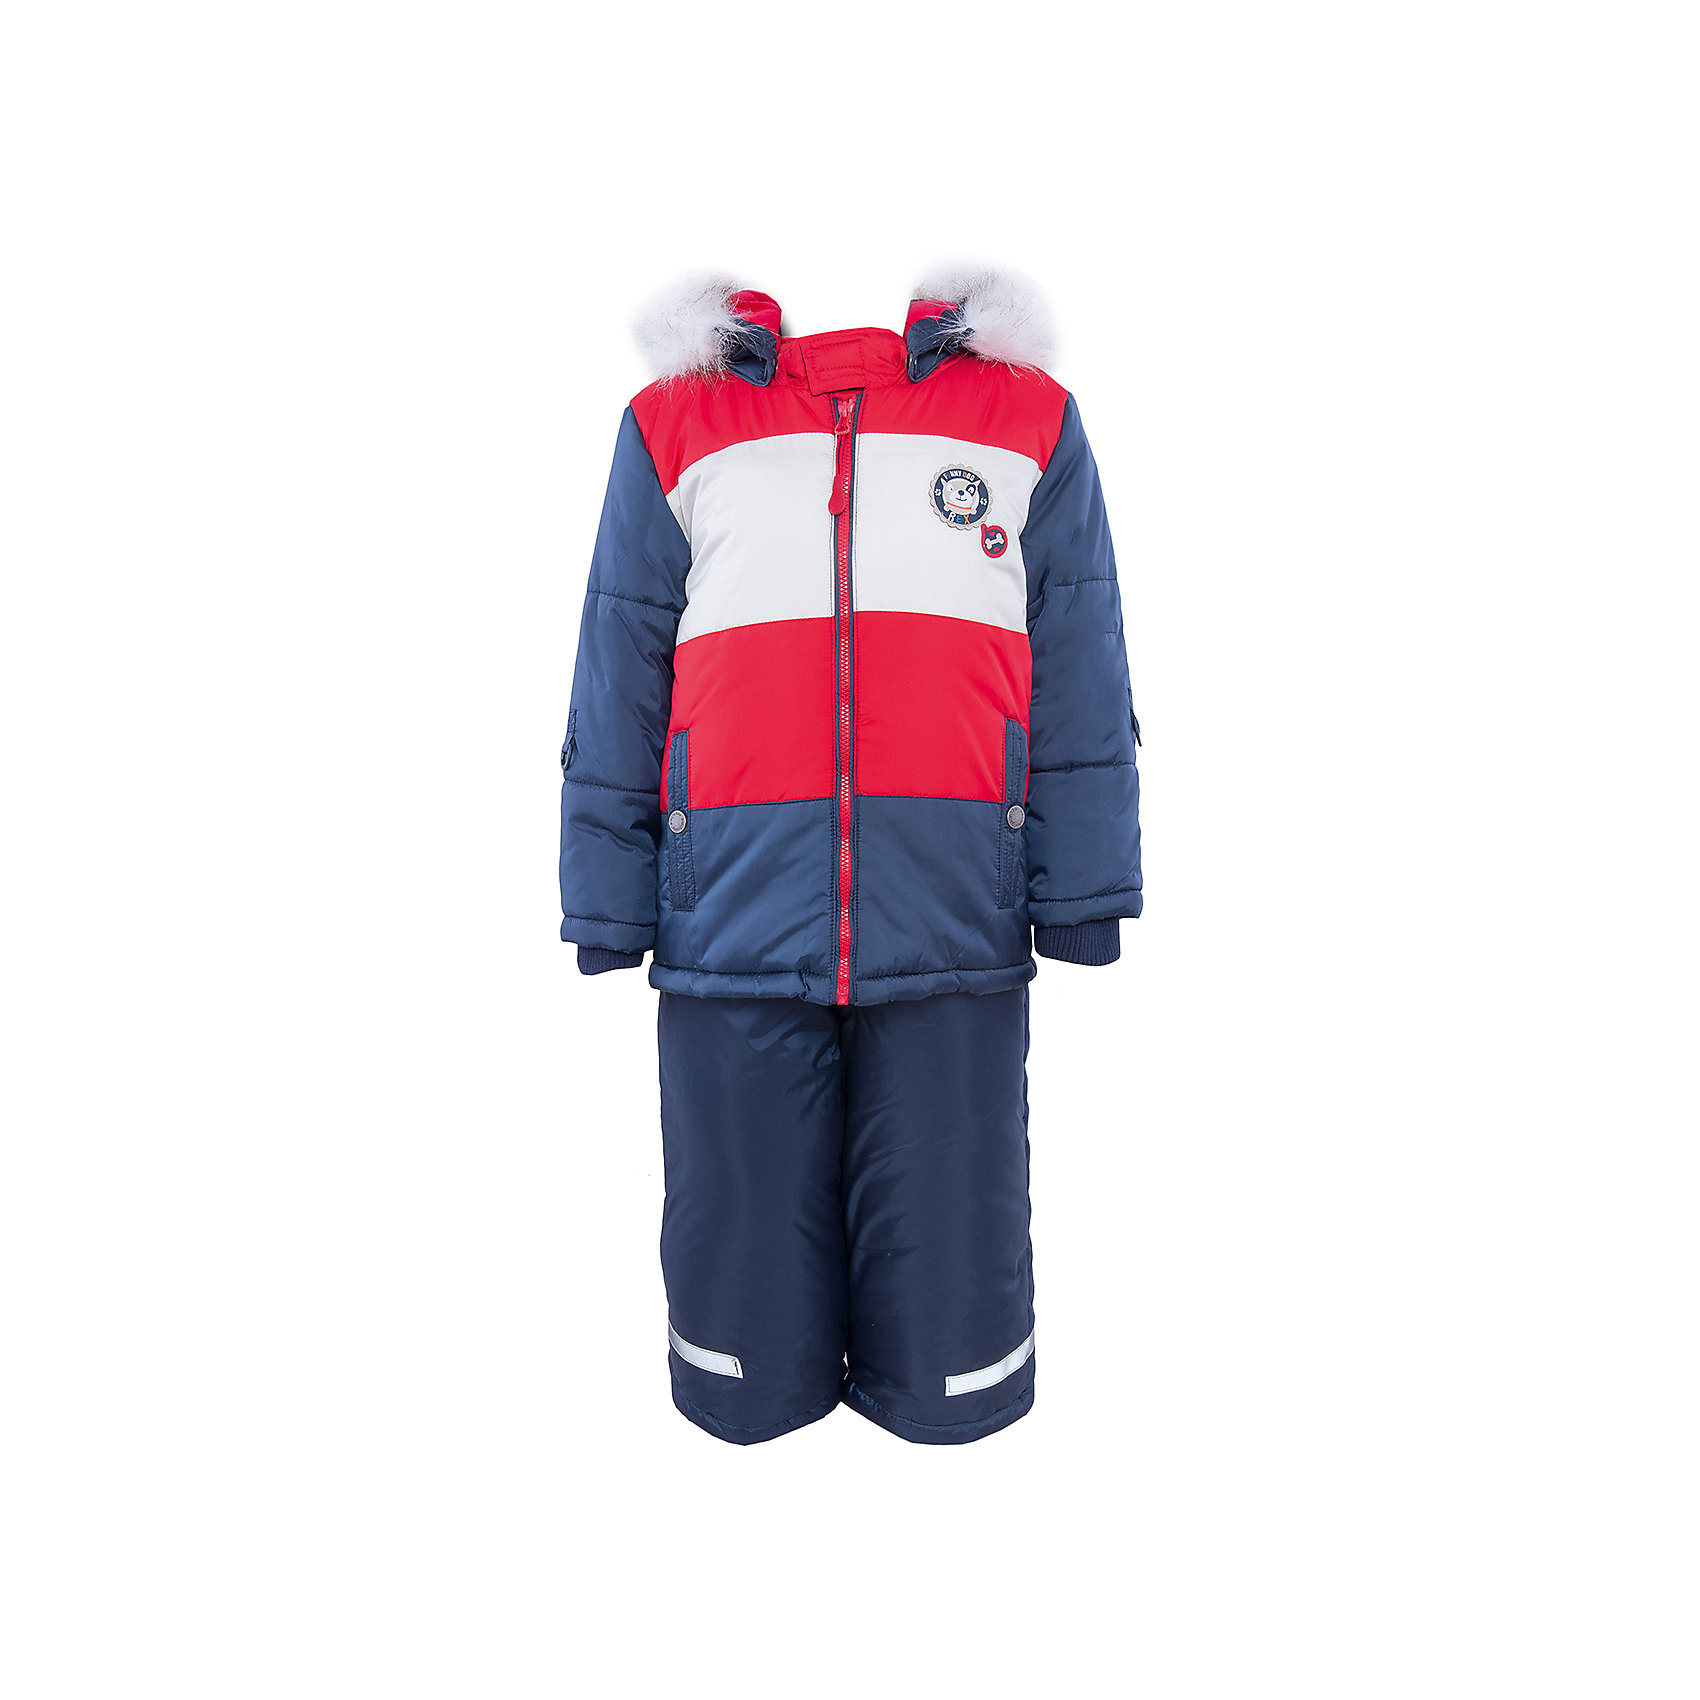 Комплект: куртка и полукомбинезон для мальчика PlayTodayКомплект: куртка и полукомбинезон для мальчика от известного бренда PlayToday.<br>Теплый комплект из стеганой куртки и полукомбинезона. <br>Куртка застегивается на молнию. Внутри уютная велюровая подкладка. Рукава на мягкой трикотажной резинке для защиты от ветра. Есть два функциональных кармана на кнопках и светоотражатели. Внизу есть специальная вставка на резинке, пристегнув которую вы надежно защитите малыша от снега.<br>Полукомбинезон застегивается на молнию. Бретели регулируются по длине, низ штанишек утягивается стопперами. Внутри мягкая велюровая подкладка.  Двойной низ - с<br>Состав:<br>Верх: 100% полиэстер, подкладка: 80% хлопок, 20% полиэстер, Утеплитель 100% полиэстер, 300 г/м2<br><br>Ширина мм: 157<br>Глубина мм: 13<br>Высота мм: 119<br>Вес г: 200<br>Цвет: разноцветный<br>Возраст от месяцев: 18<br>Возраст до месяцев: 24<br>Пол: Мужской<br>Возраст: Детский<br>Размер: 92,74,80,86<br>SKU: 4900870